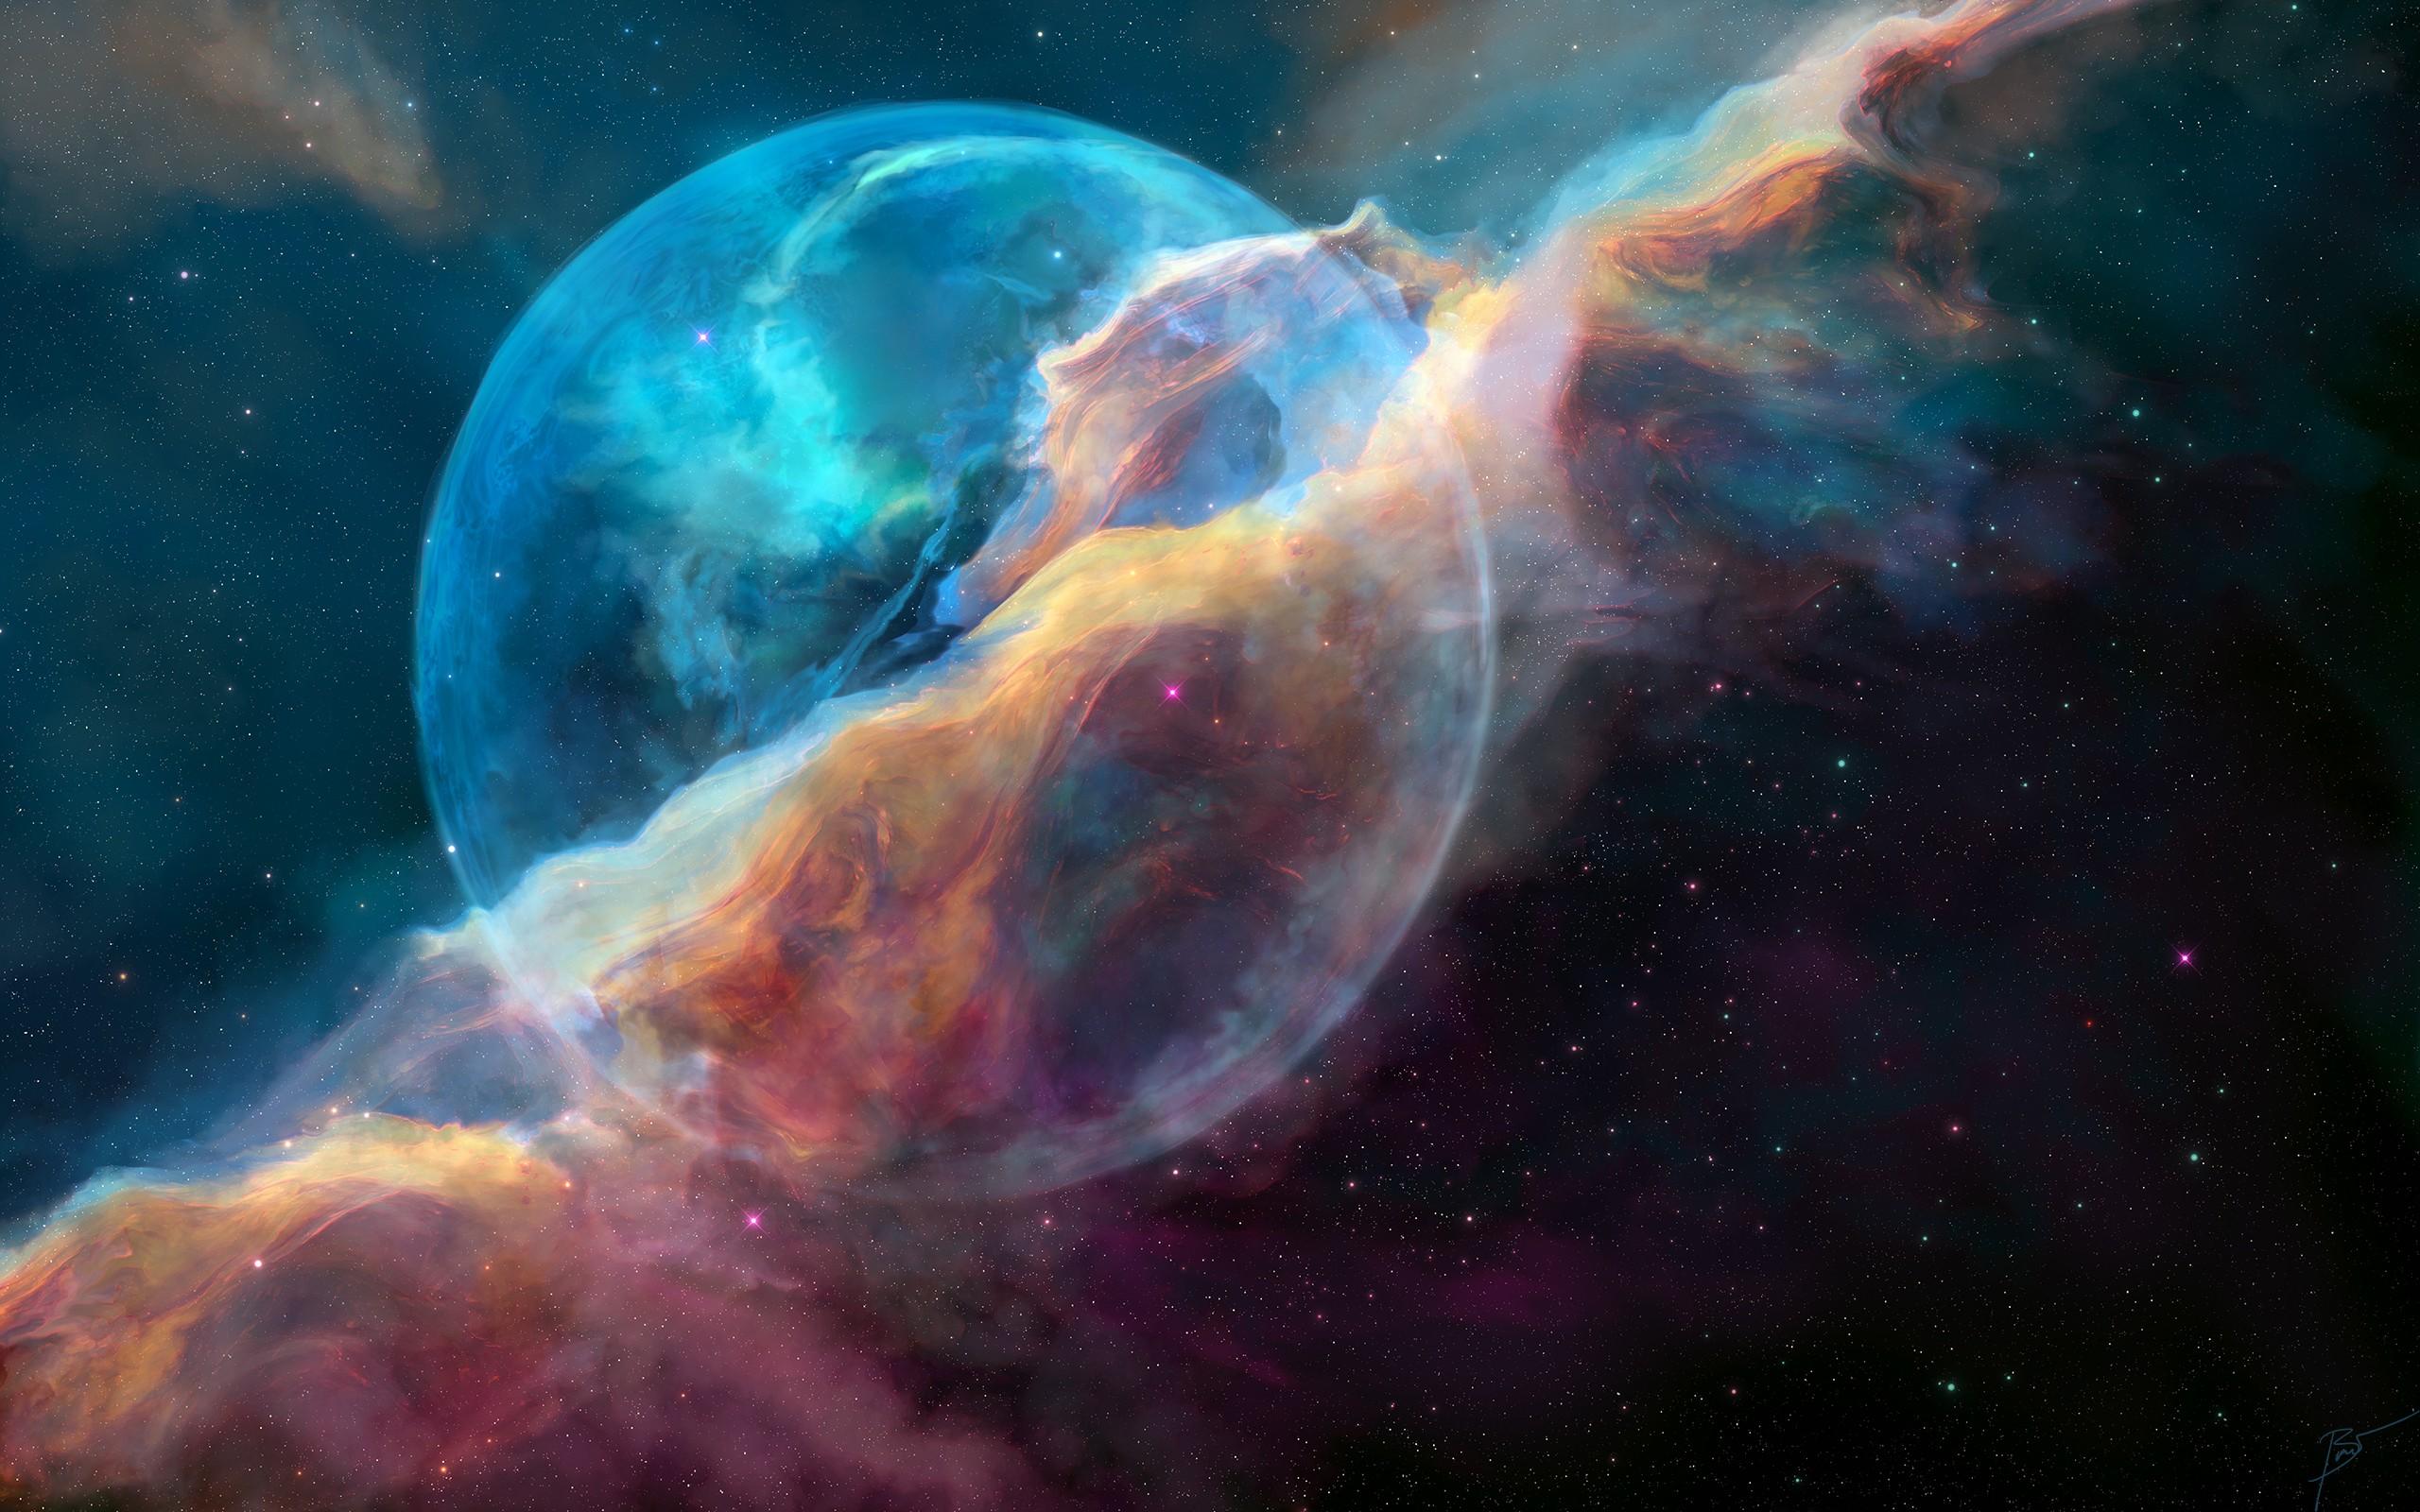 Hi Def 3d Wallpaper Ngc 7635 Bubble Nebula Wallpapers Hd Wallpapers Id 21276